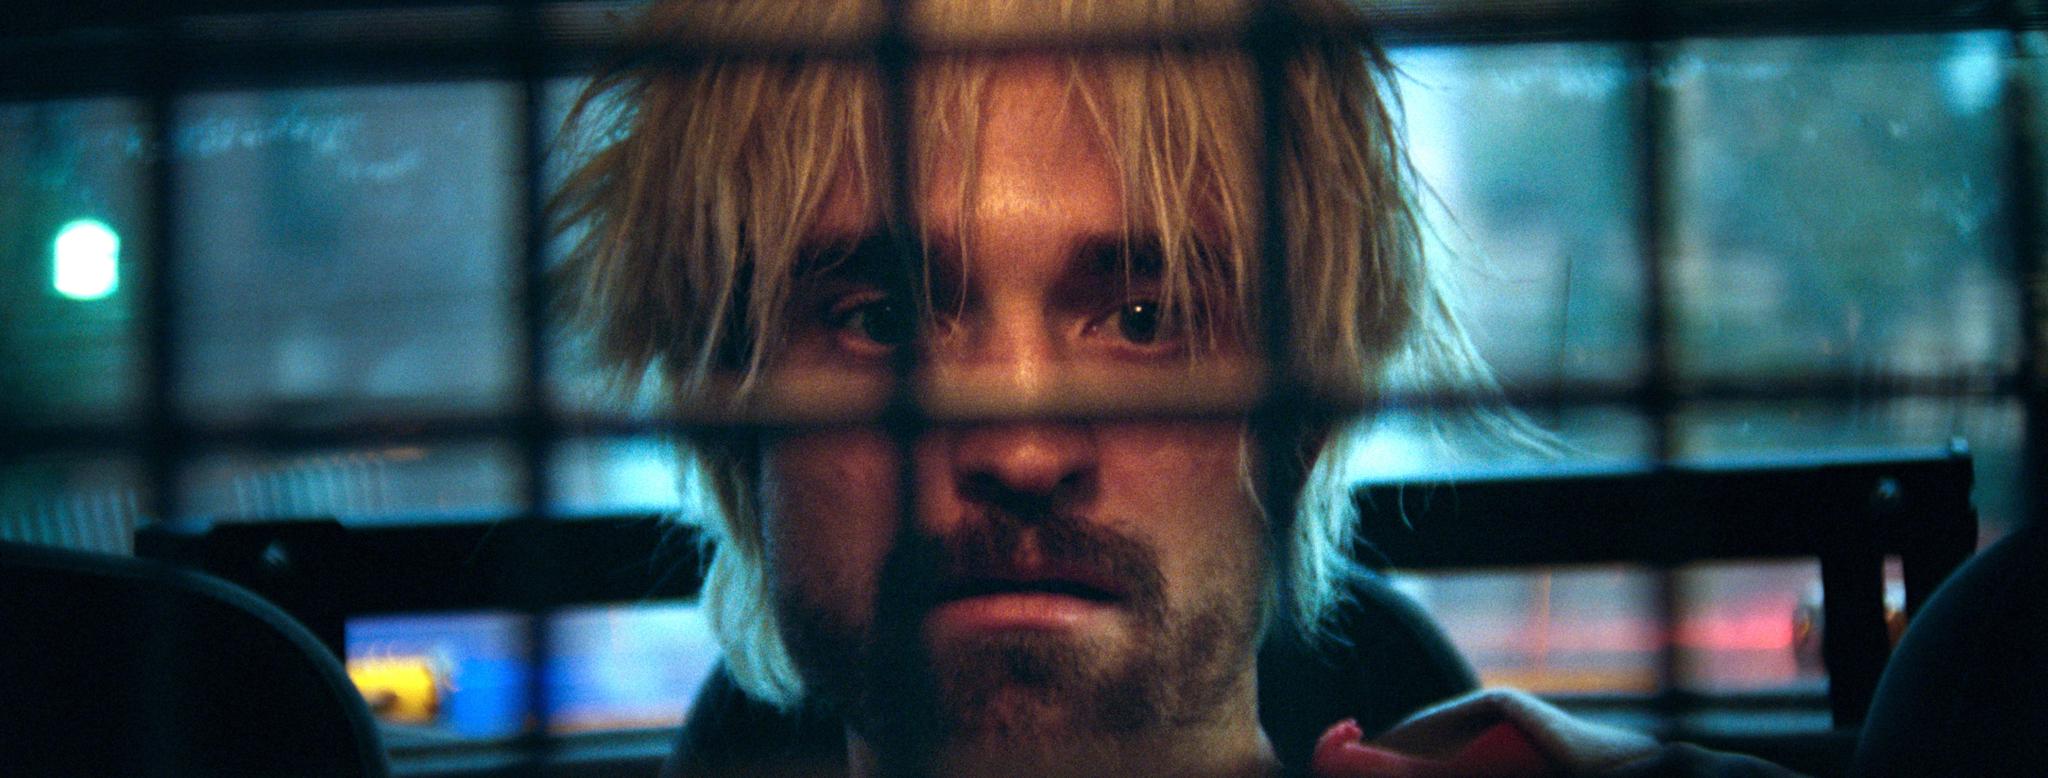 Good Time : retour sur la rencontre entre les frères Safdie et Robert Pattinson pour le thriller sorti en 2017.